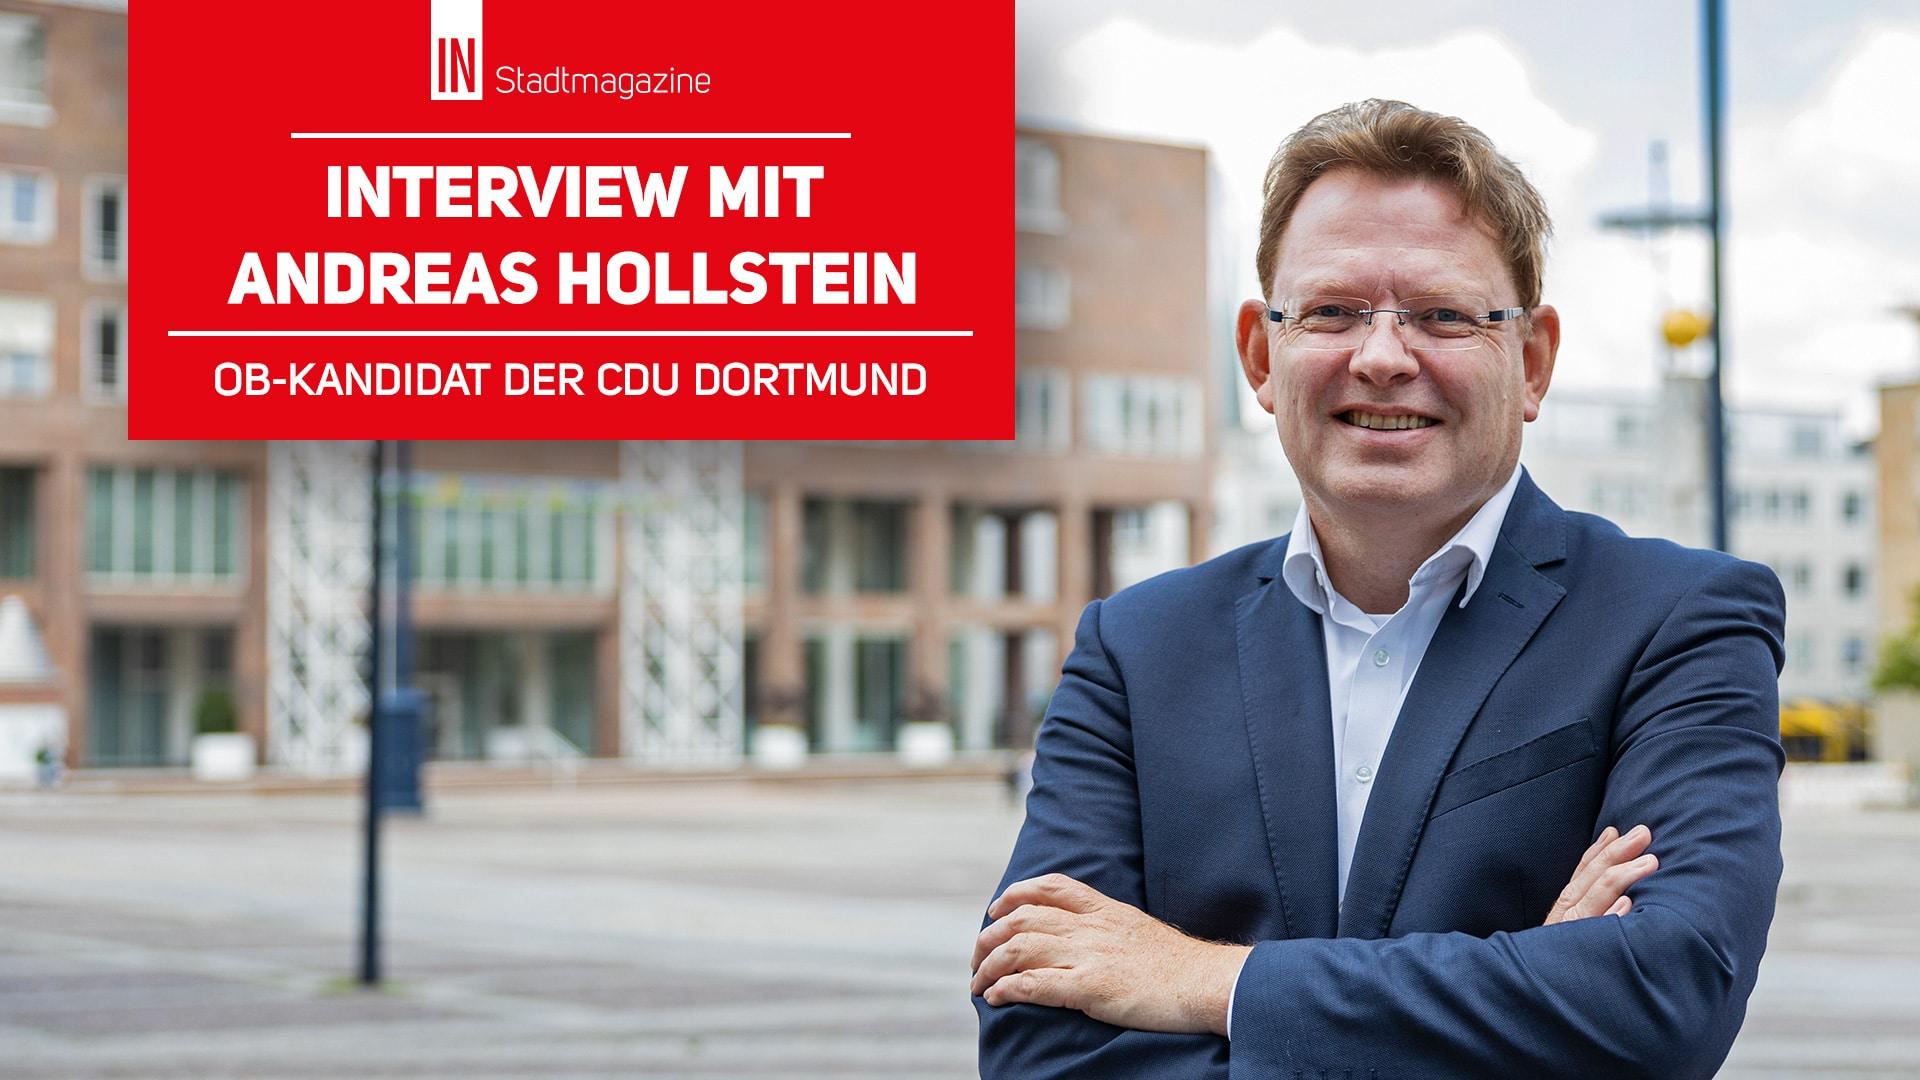 Kommunalwahl 2020: CDU-Oberbürgermeister-Kandidat Dr. Andreas Hollstein